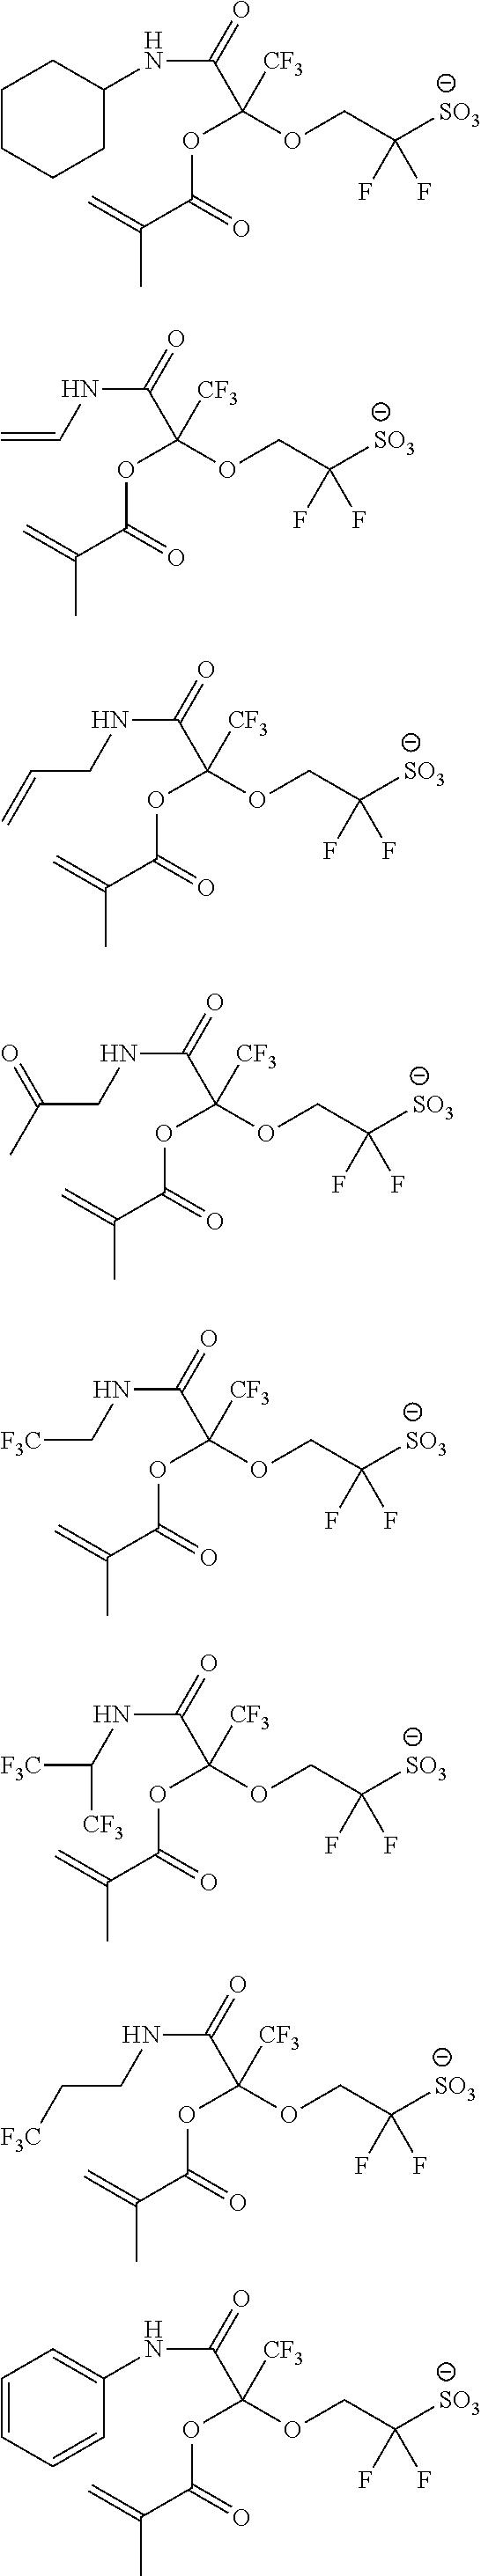 Figure US09182664-20151110-C00039